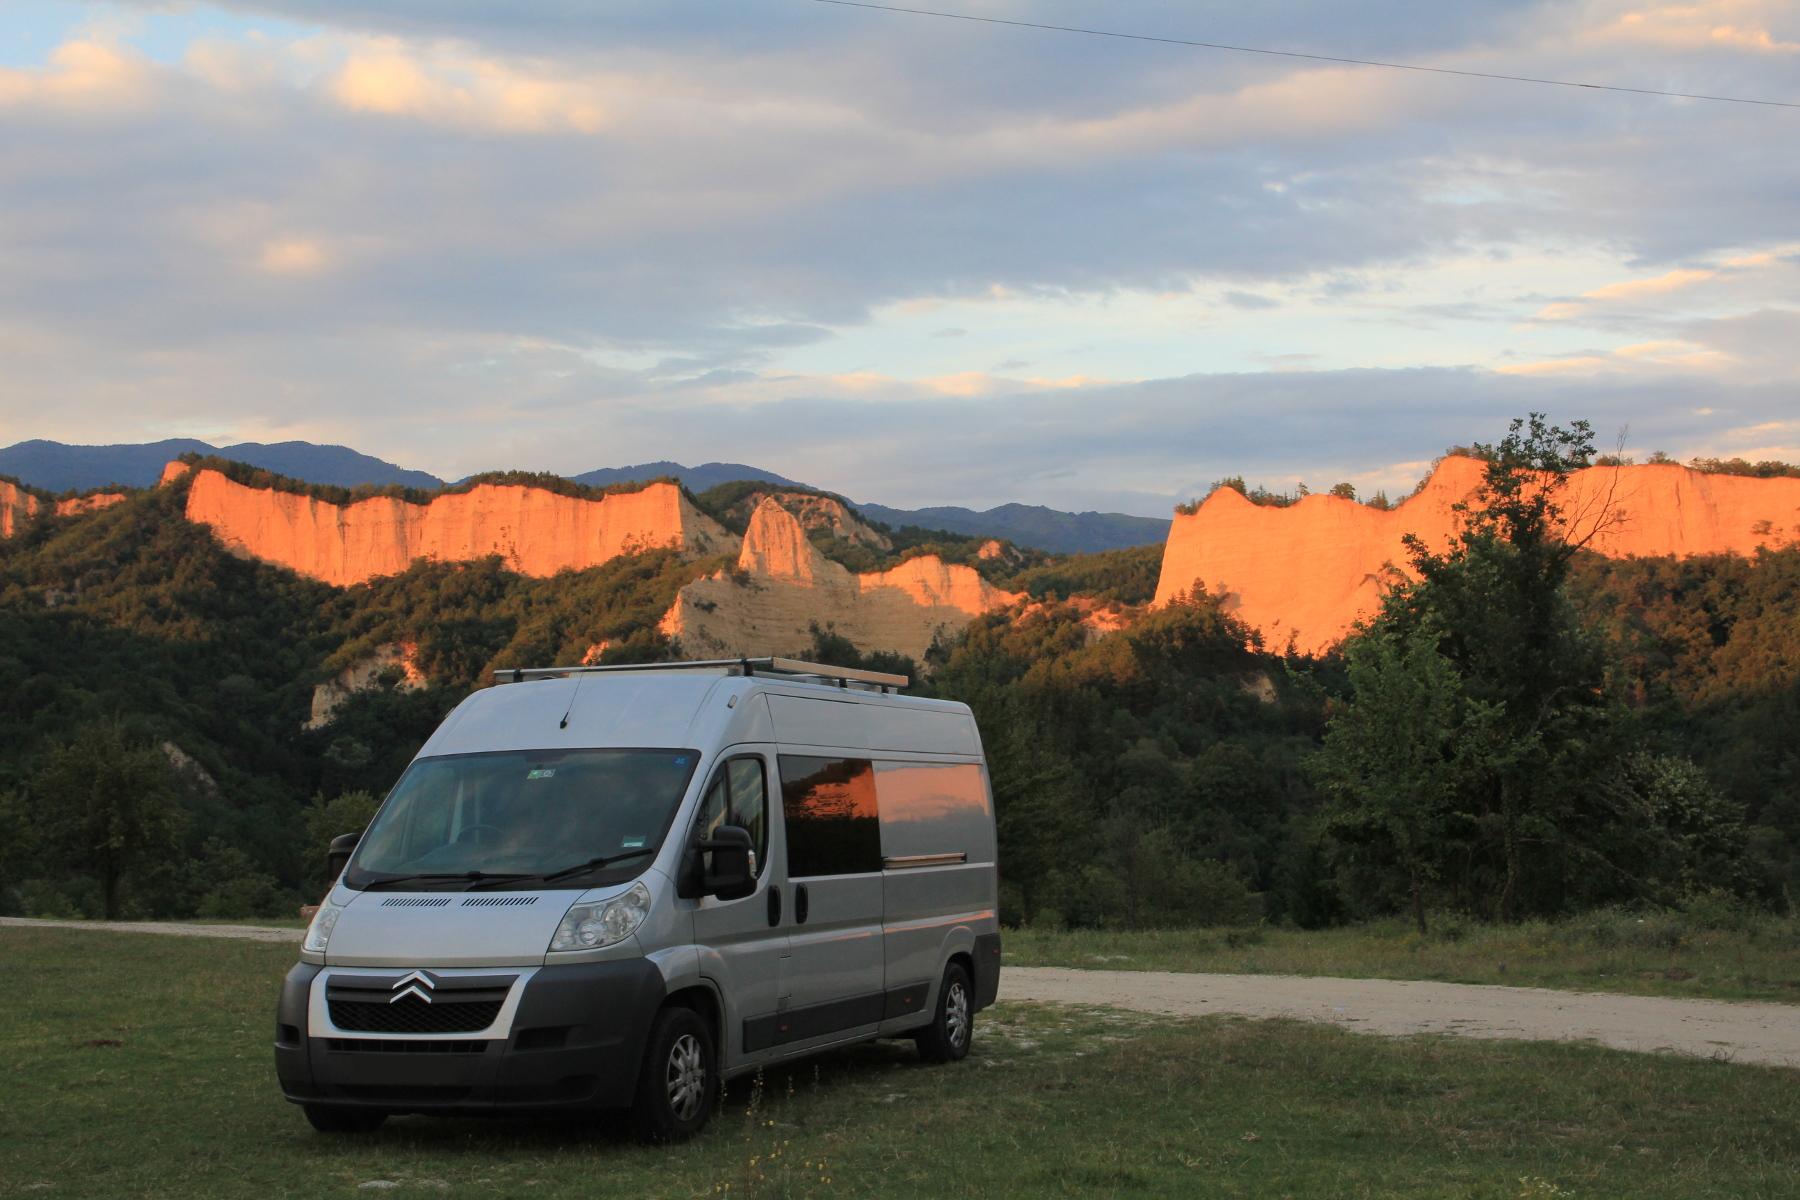 Sandstone rocks behind the campervan in Bulgaria